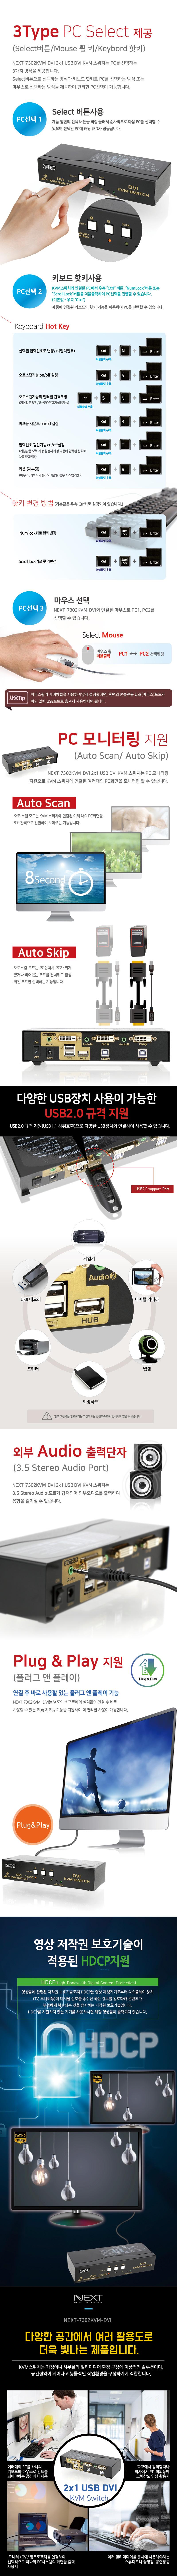 이지넷유비쿼터스 2:1 USB DVI KVM 스위치 (NEXT-7302KVM-DVI)